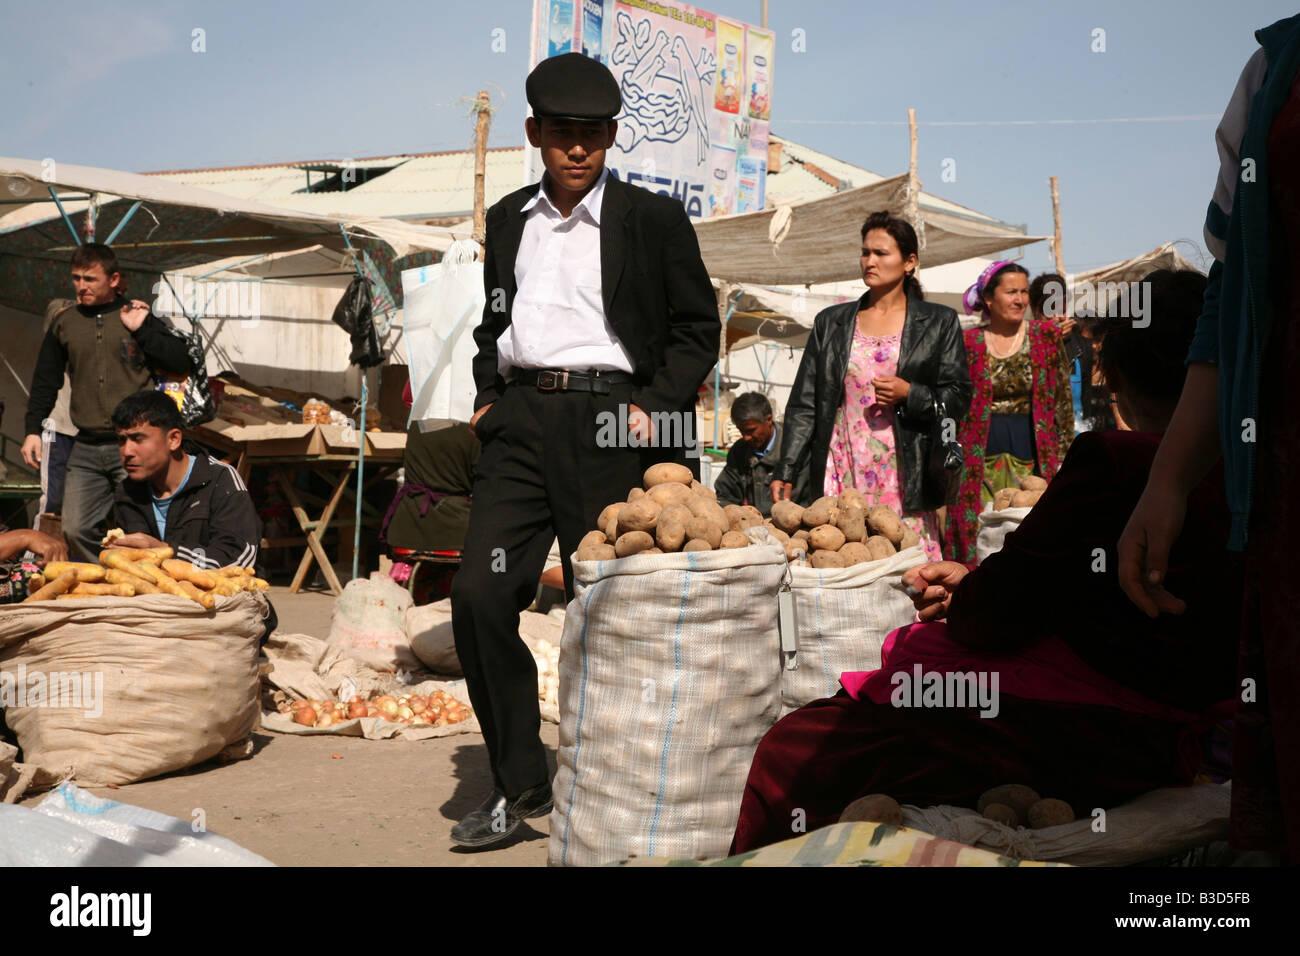 La vendita di patate al mercato centrale in Urgench, Uzbekistan Immagini Stock